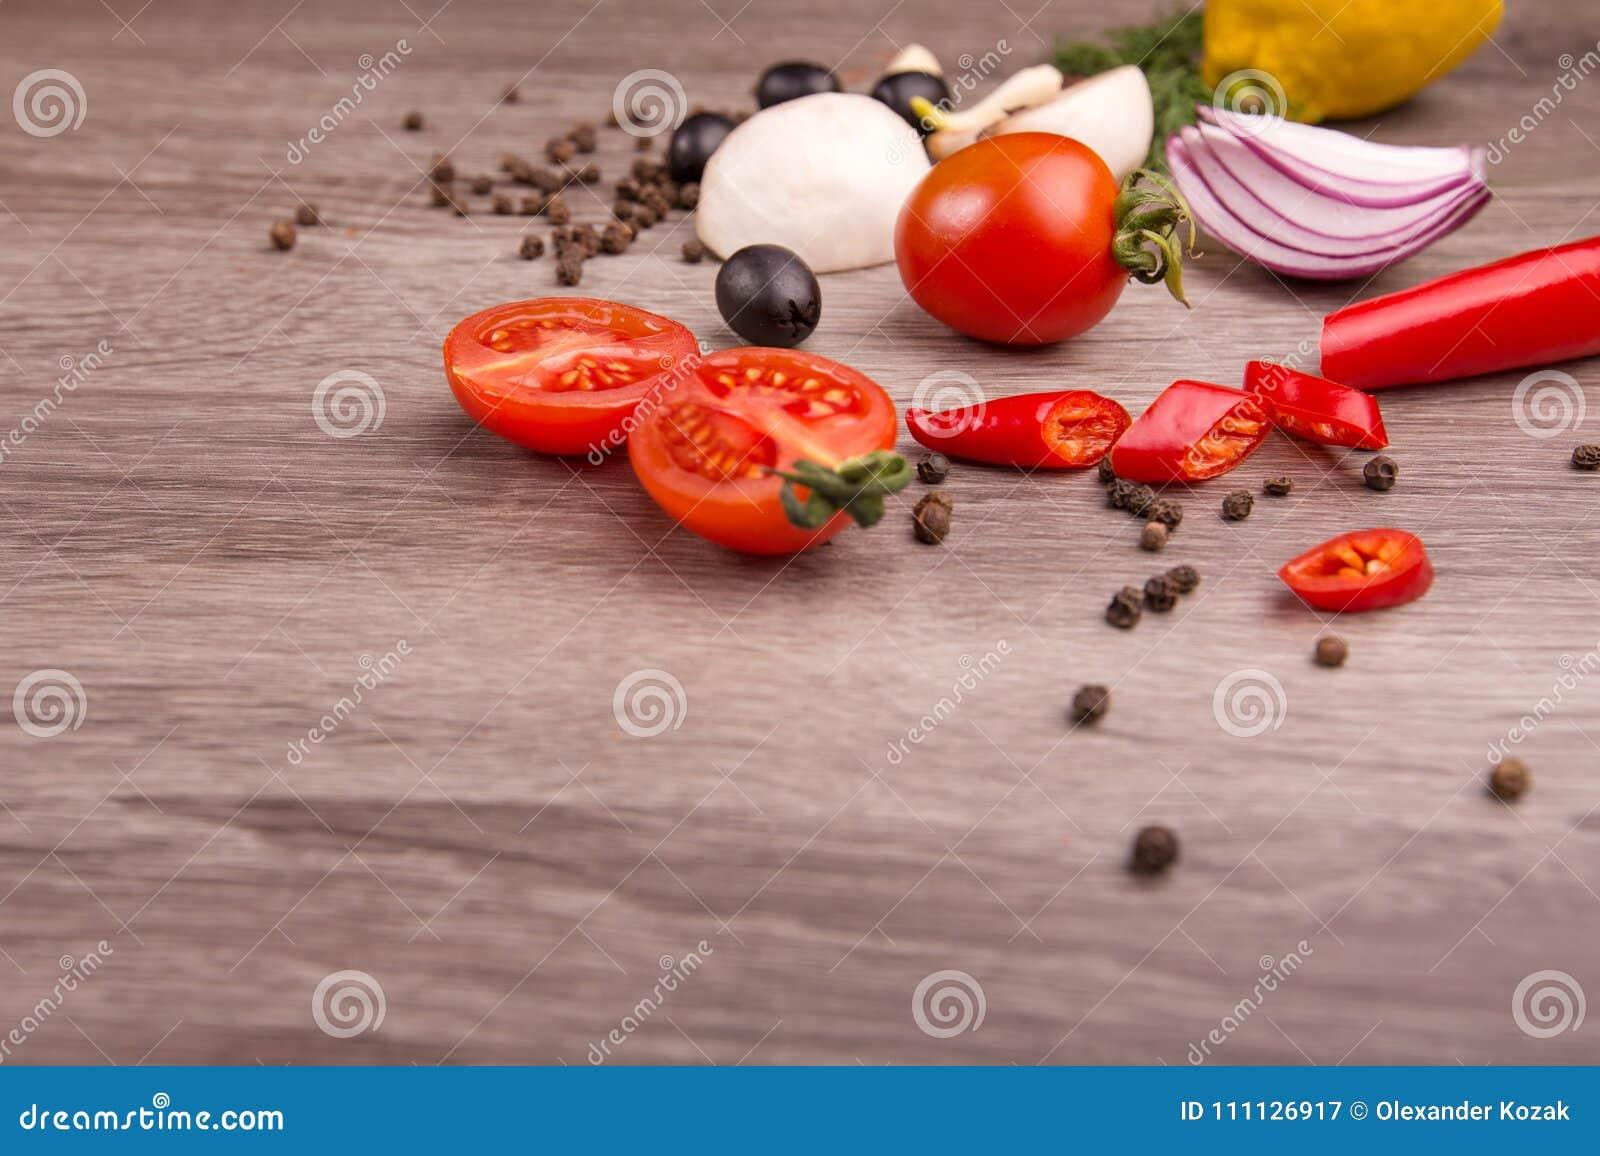 Υγιείς υπόβαθρο τροφίμων/φωτογραφία στούντιο των διαφορετικών φρούτων και λαχανικών στον ξύλινο πίνακα